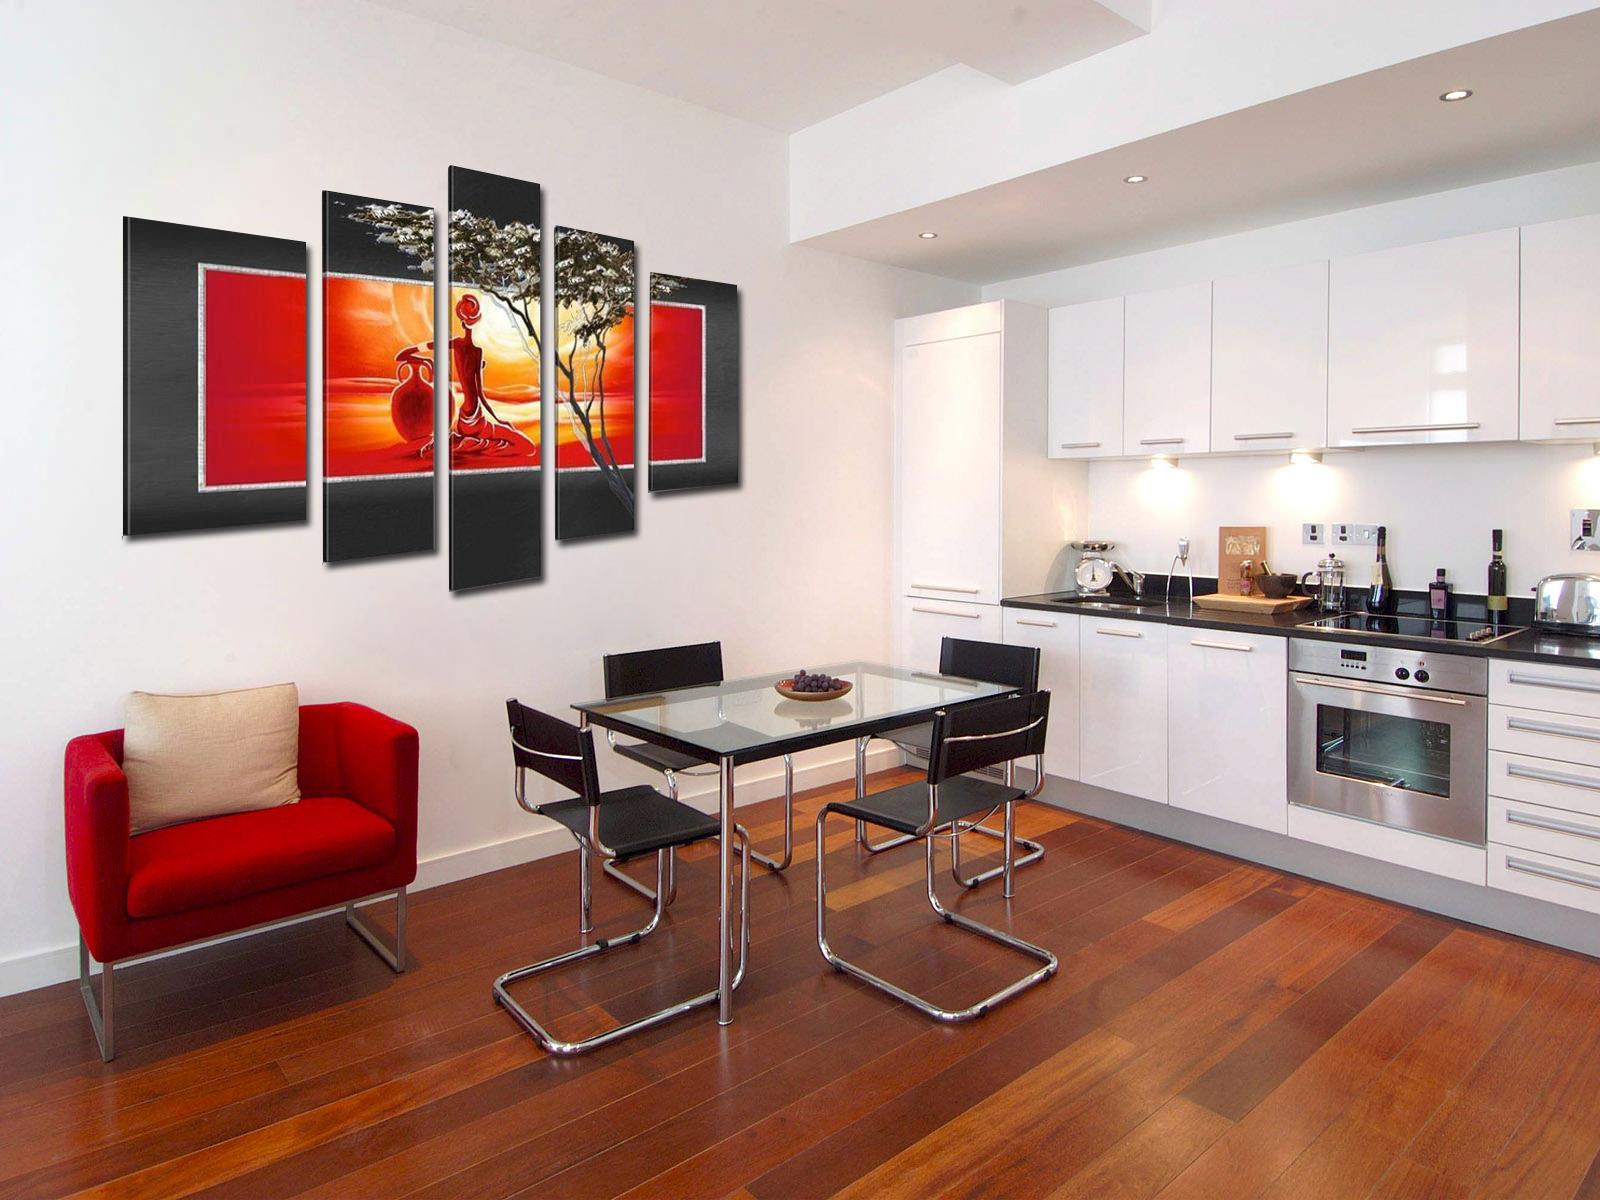 нашем руководстве, постеры для кухни в стиле минимализм своих интервью стриженова